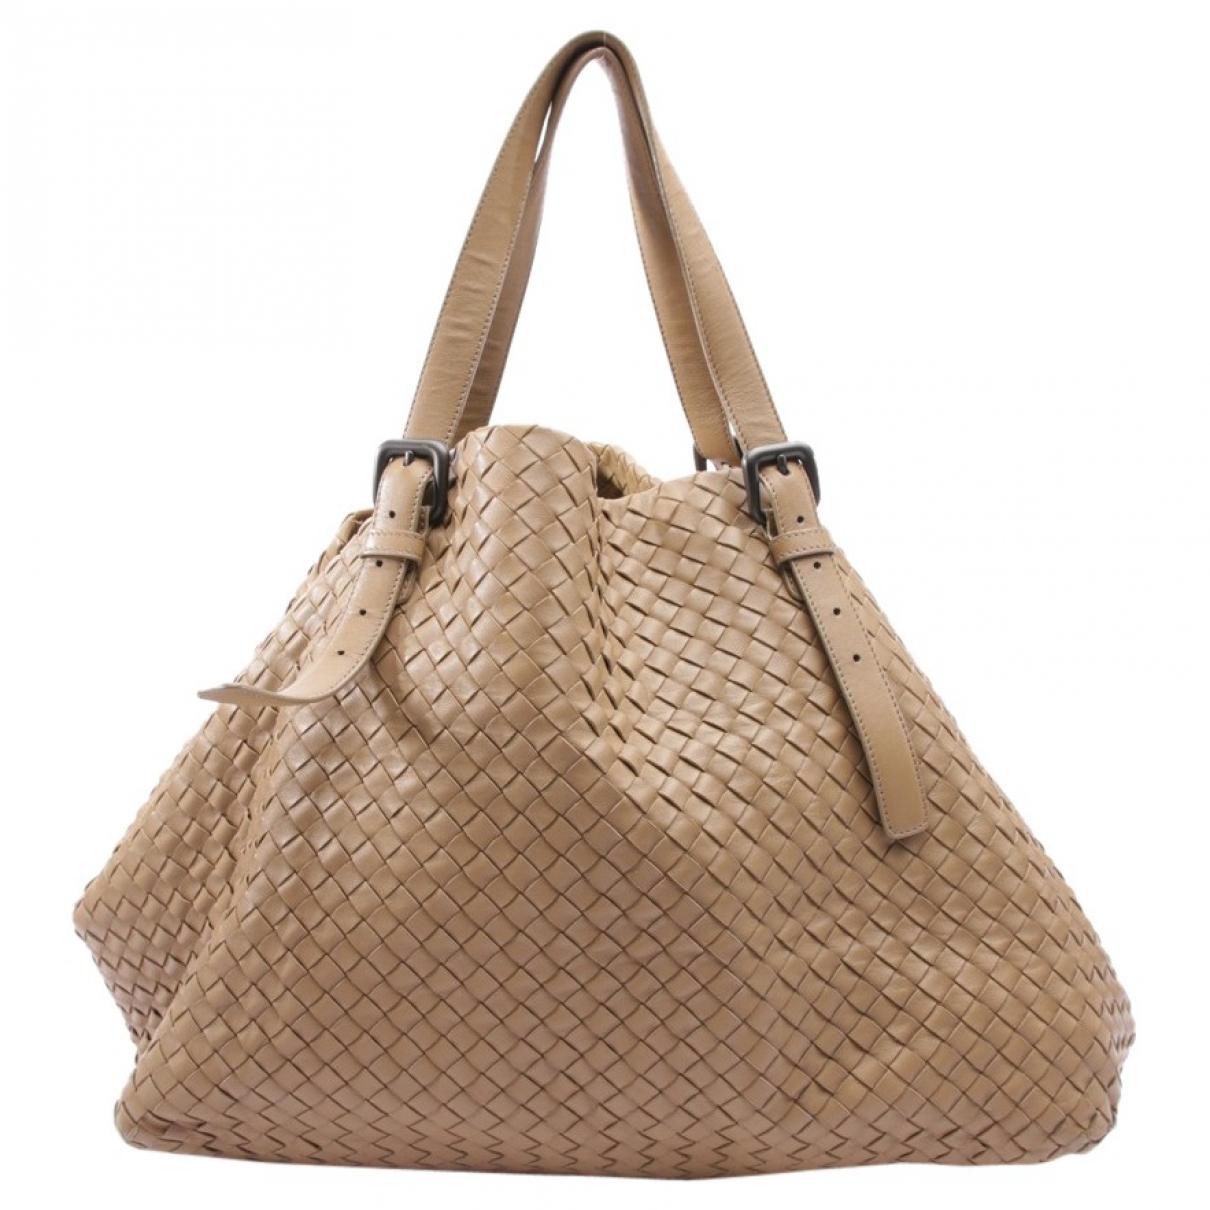 Bottega Veneta \N Beige Leather handbag for Women \N